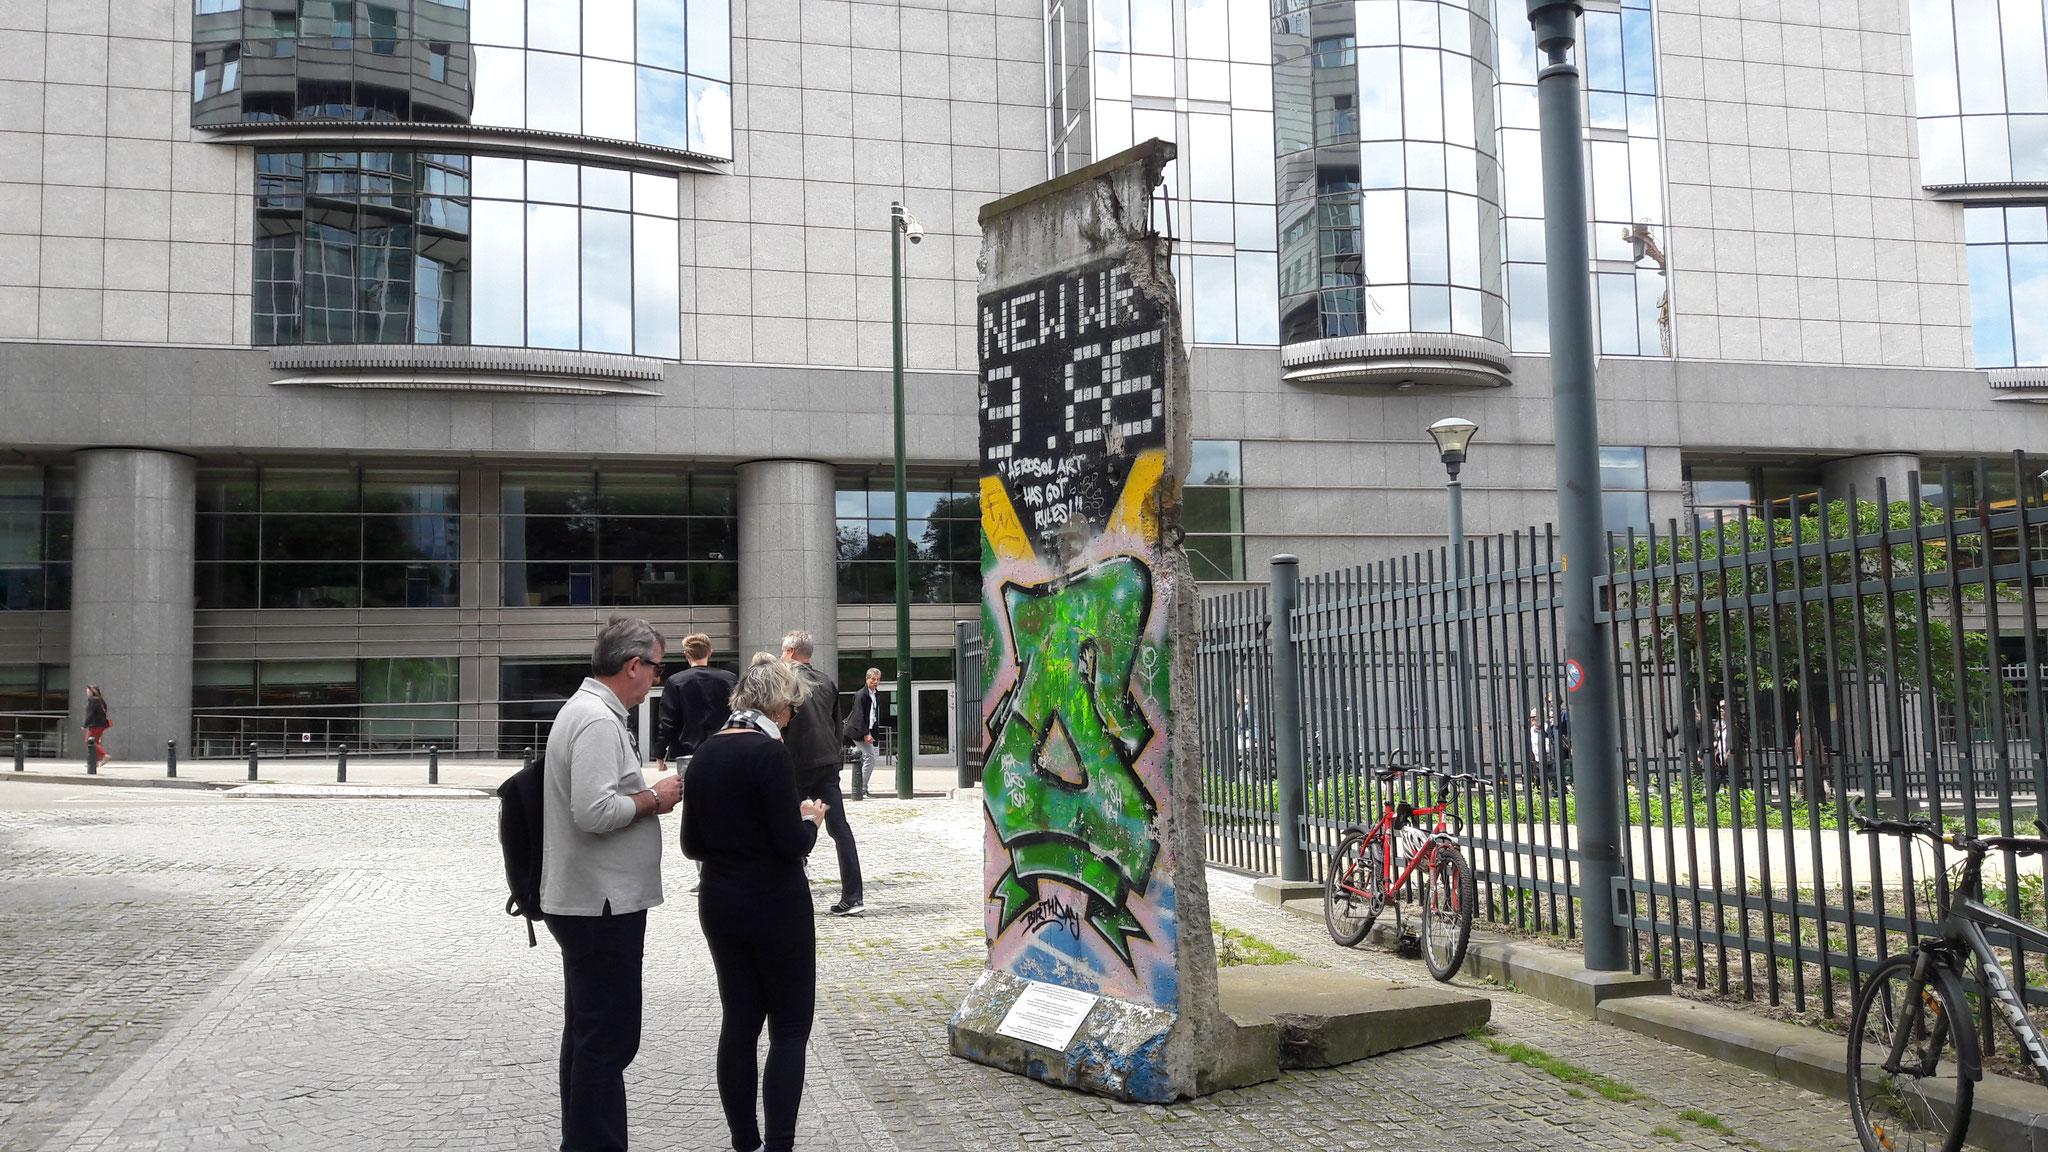 ein Stück Berliner Mauer, ohje, da kommt Heimweh auf ....